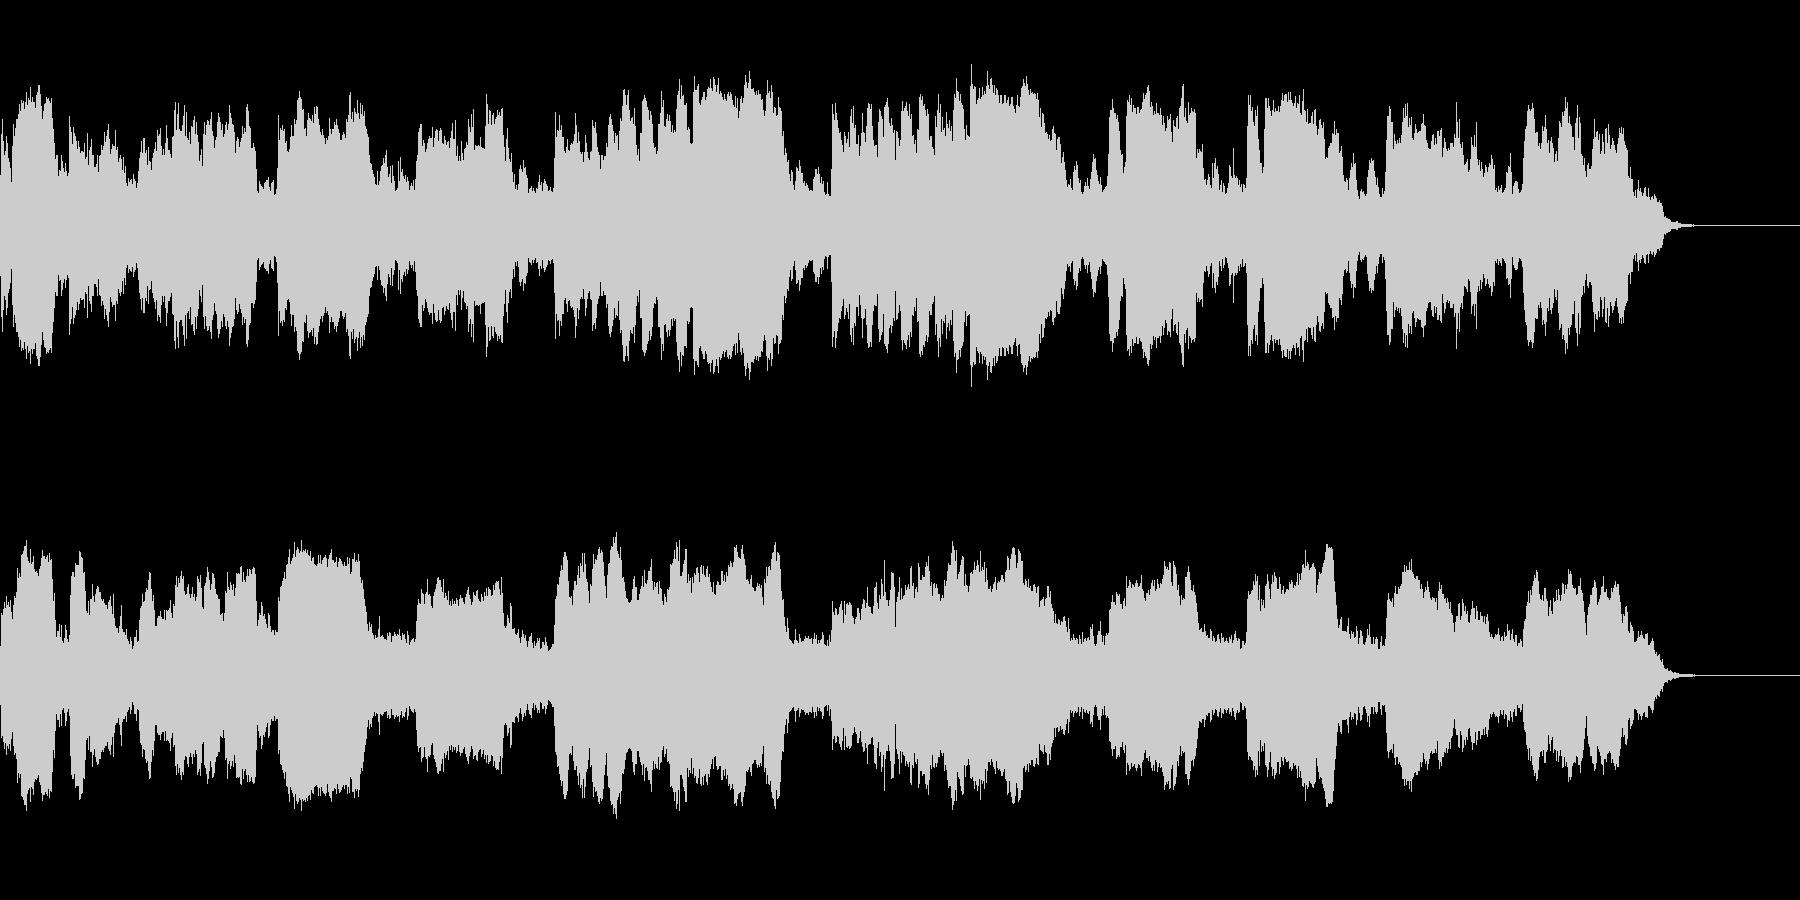 ほのぼのしたフルートのシンプルで綺麗な曲の未再生の波形